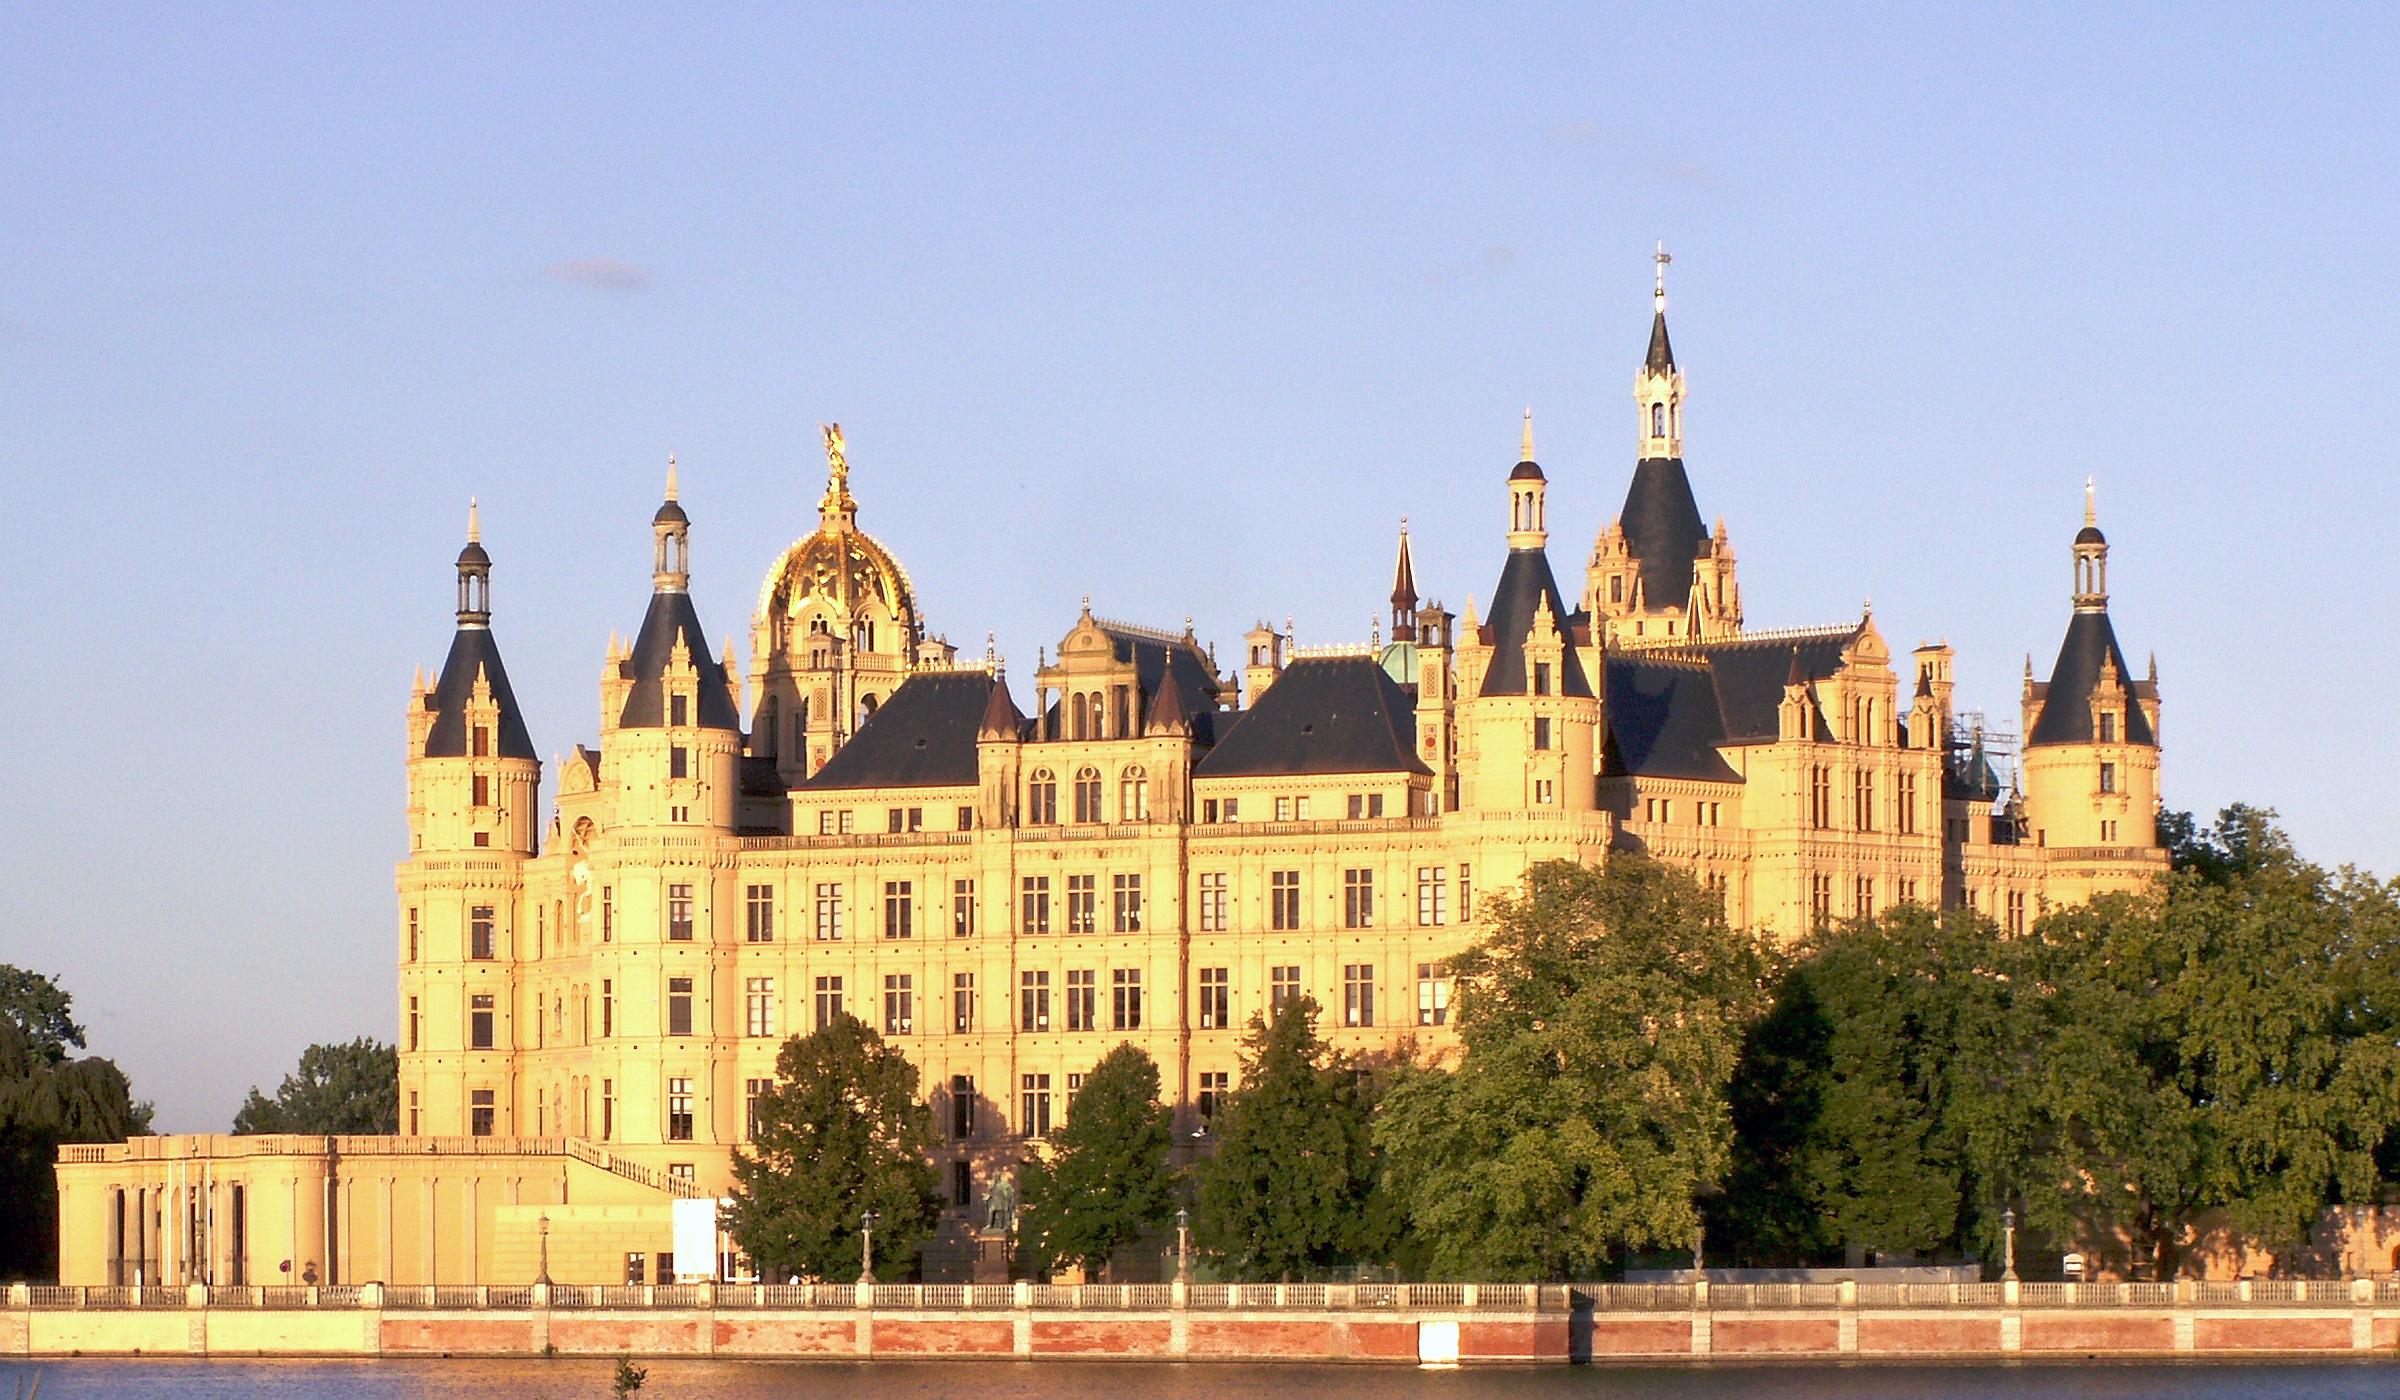 Schlampe aus Schwerin (MV, Landeshauptstadt)